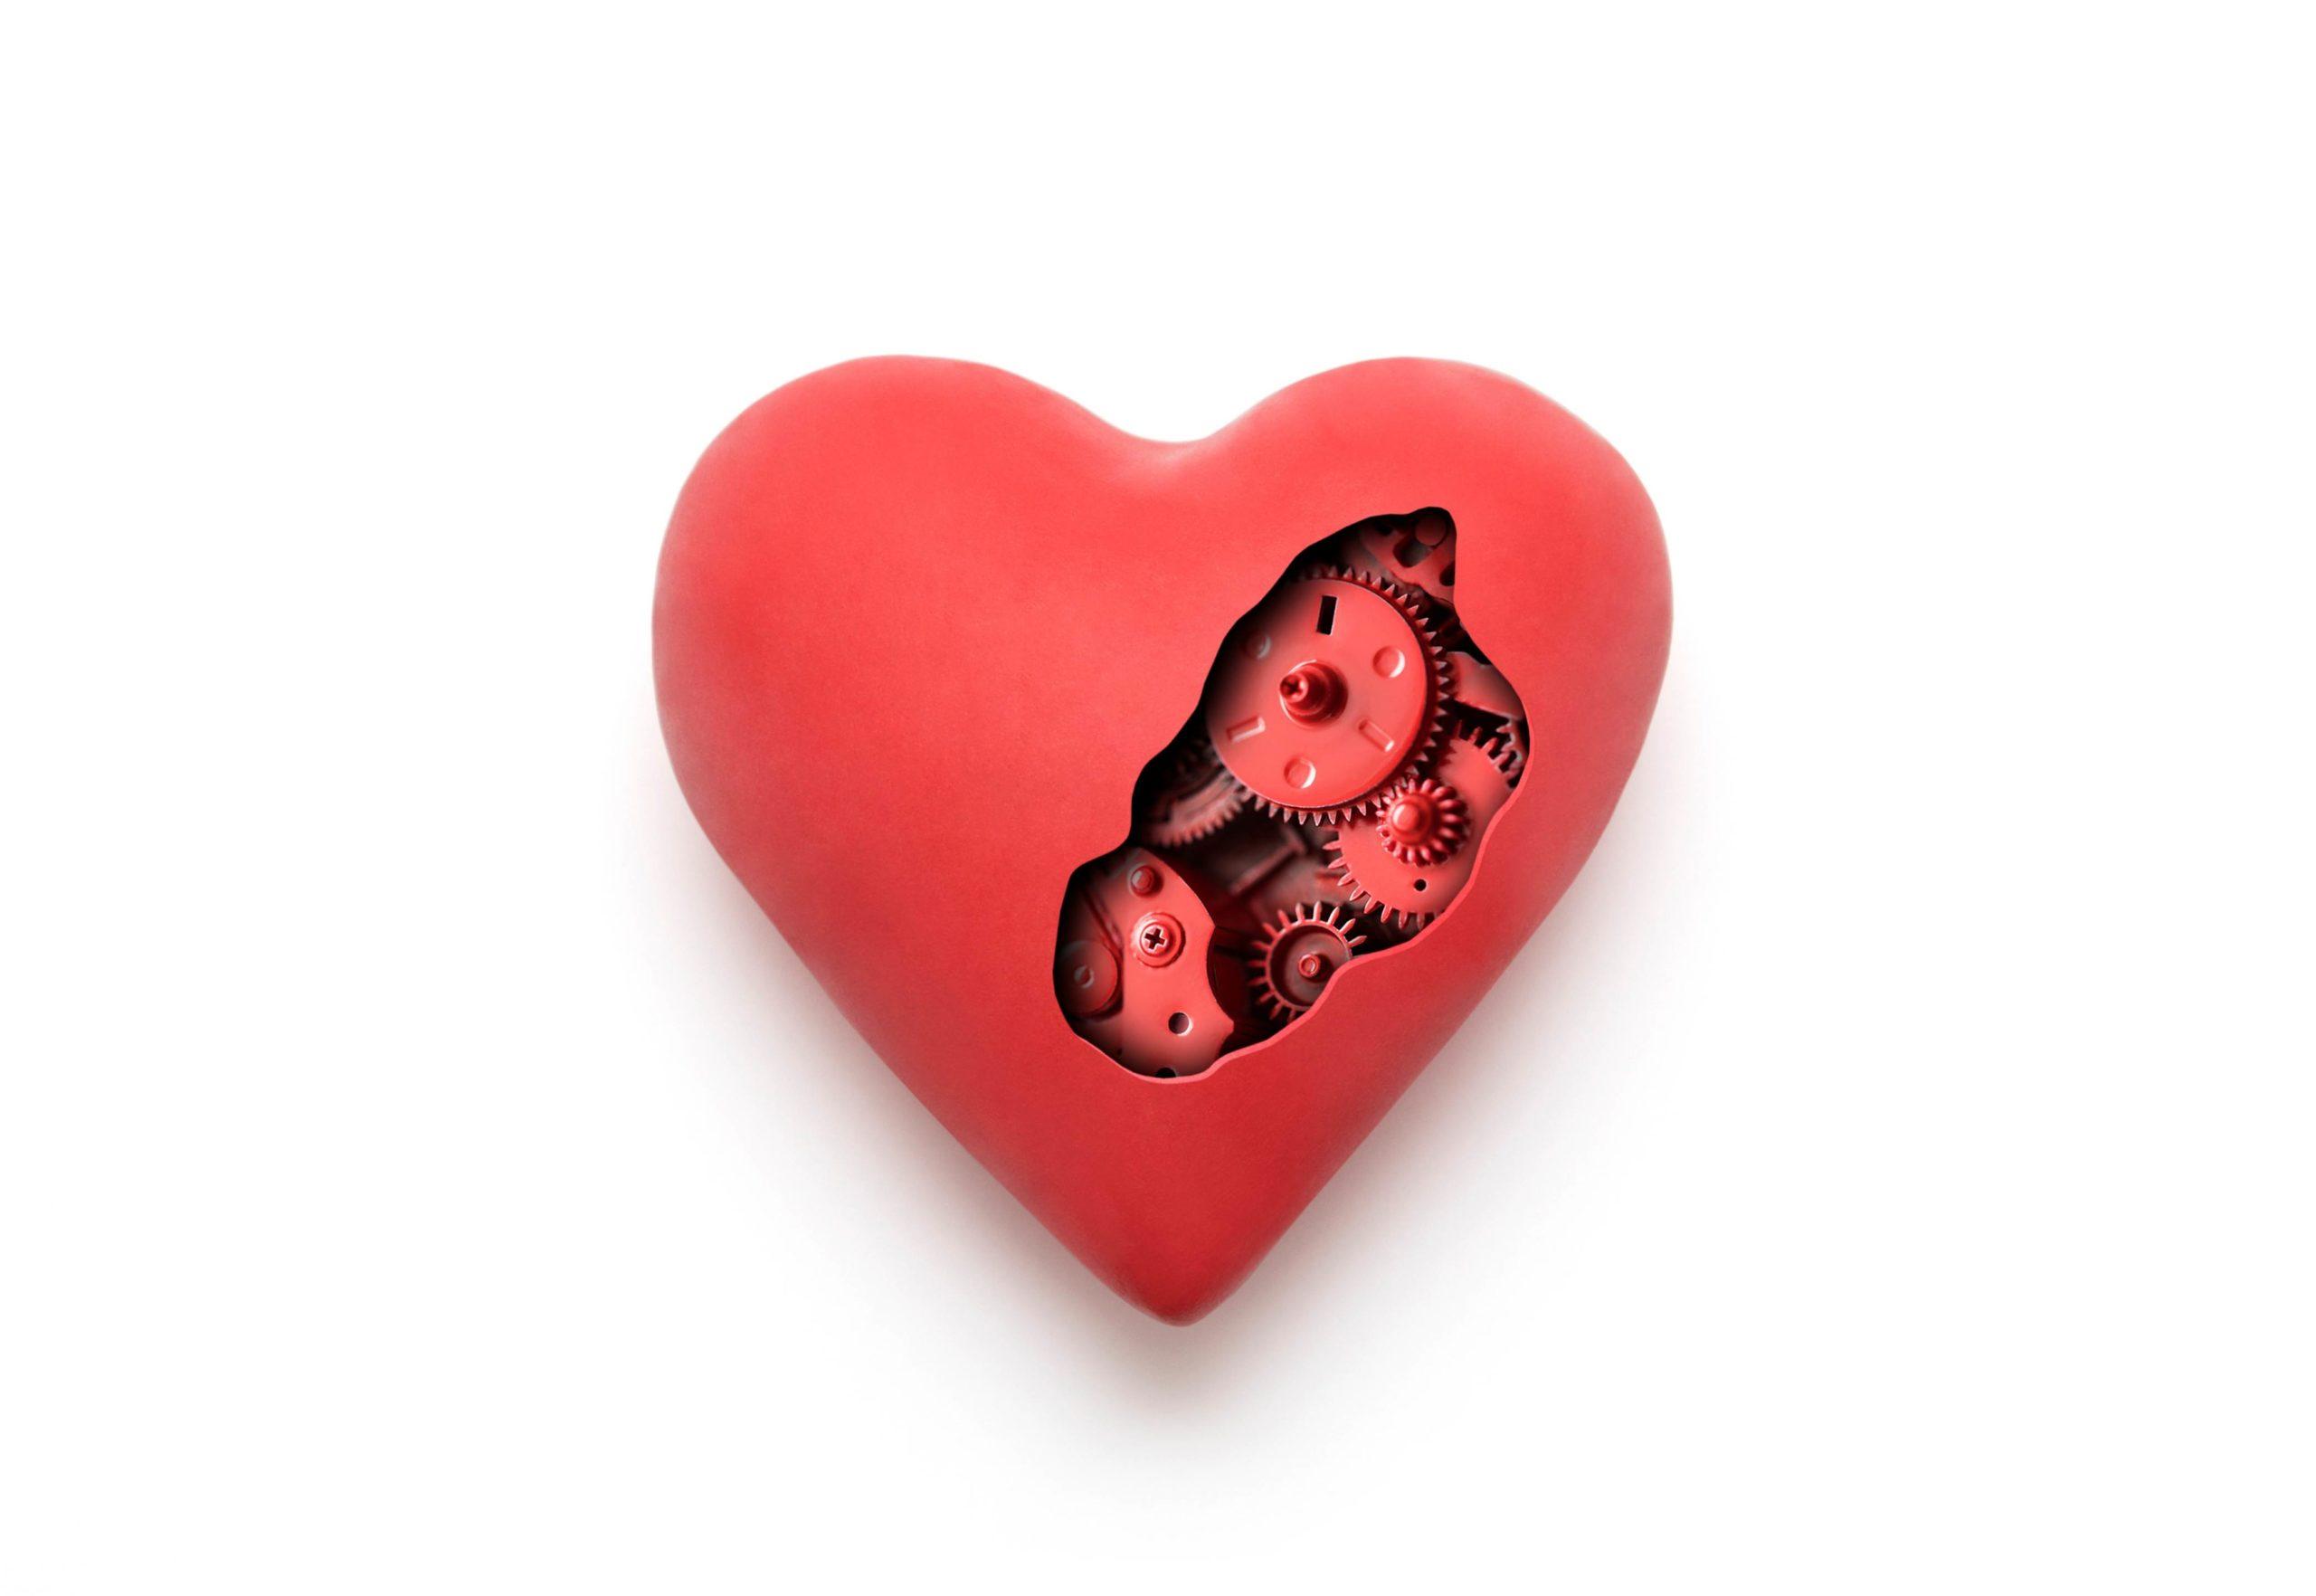 Heart mechanical design